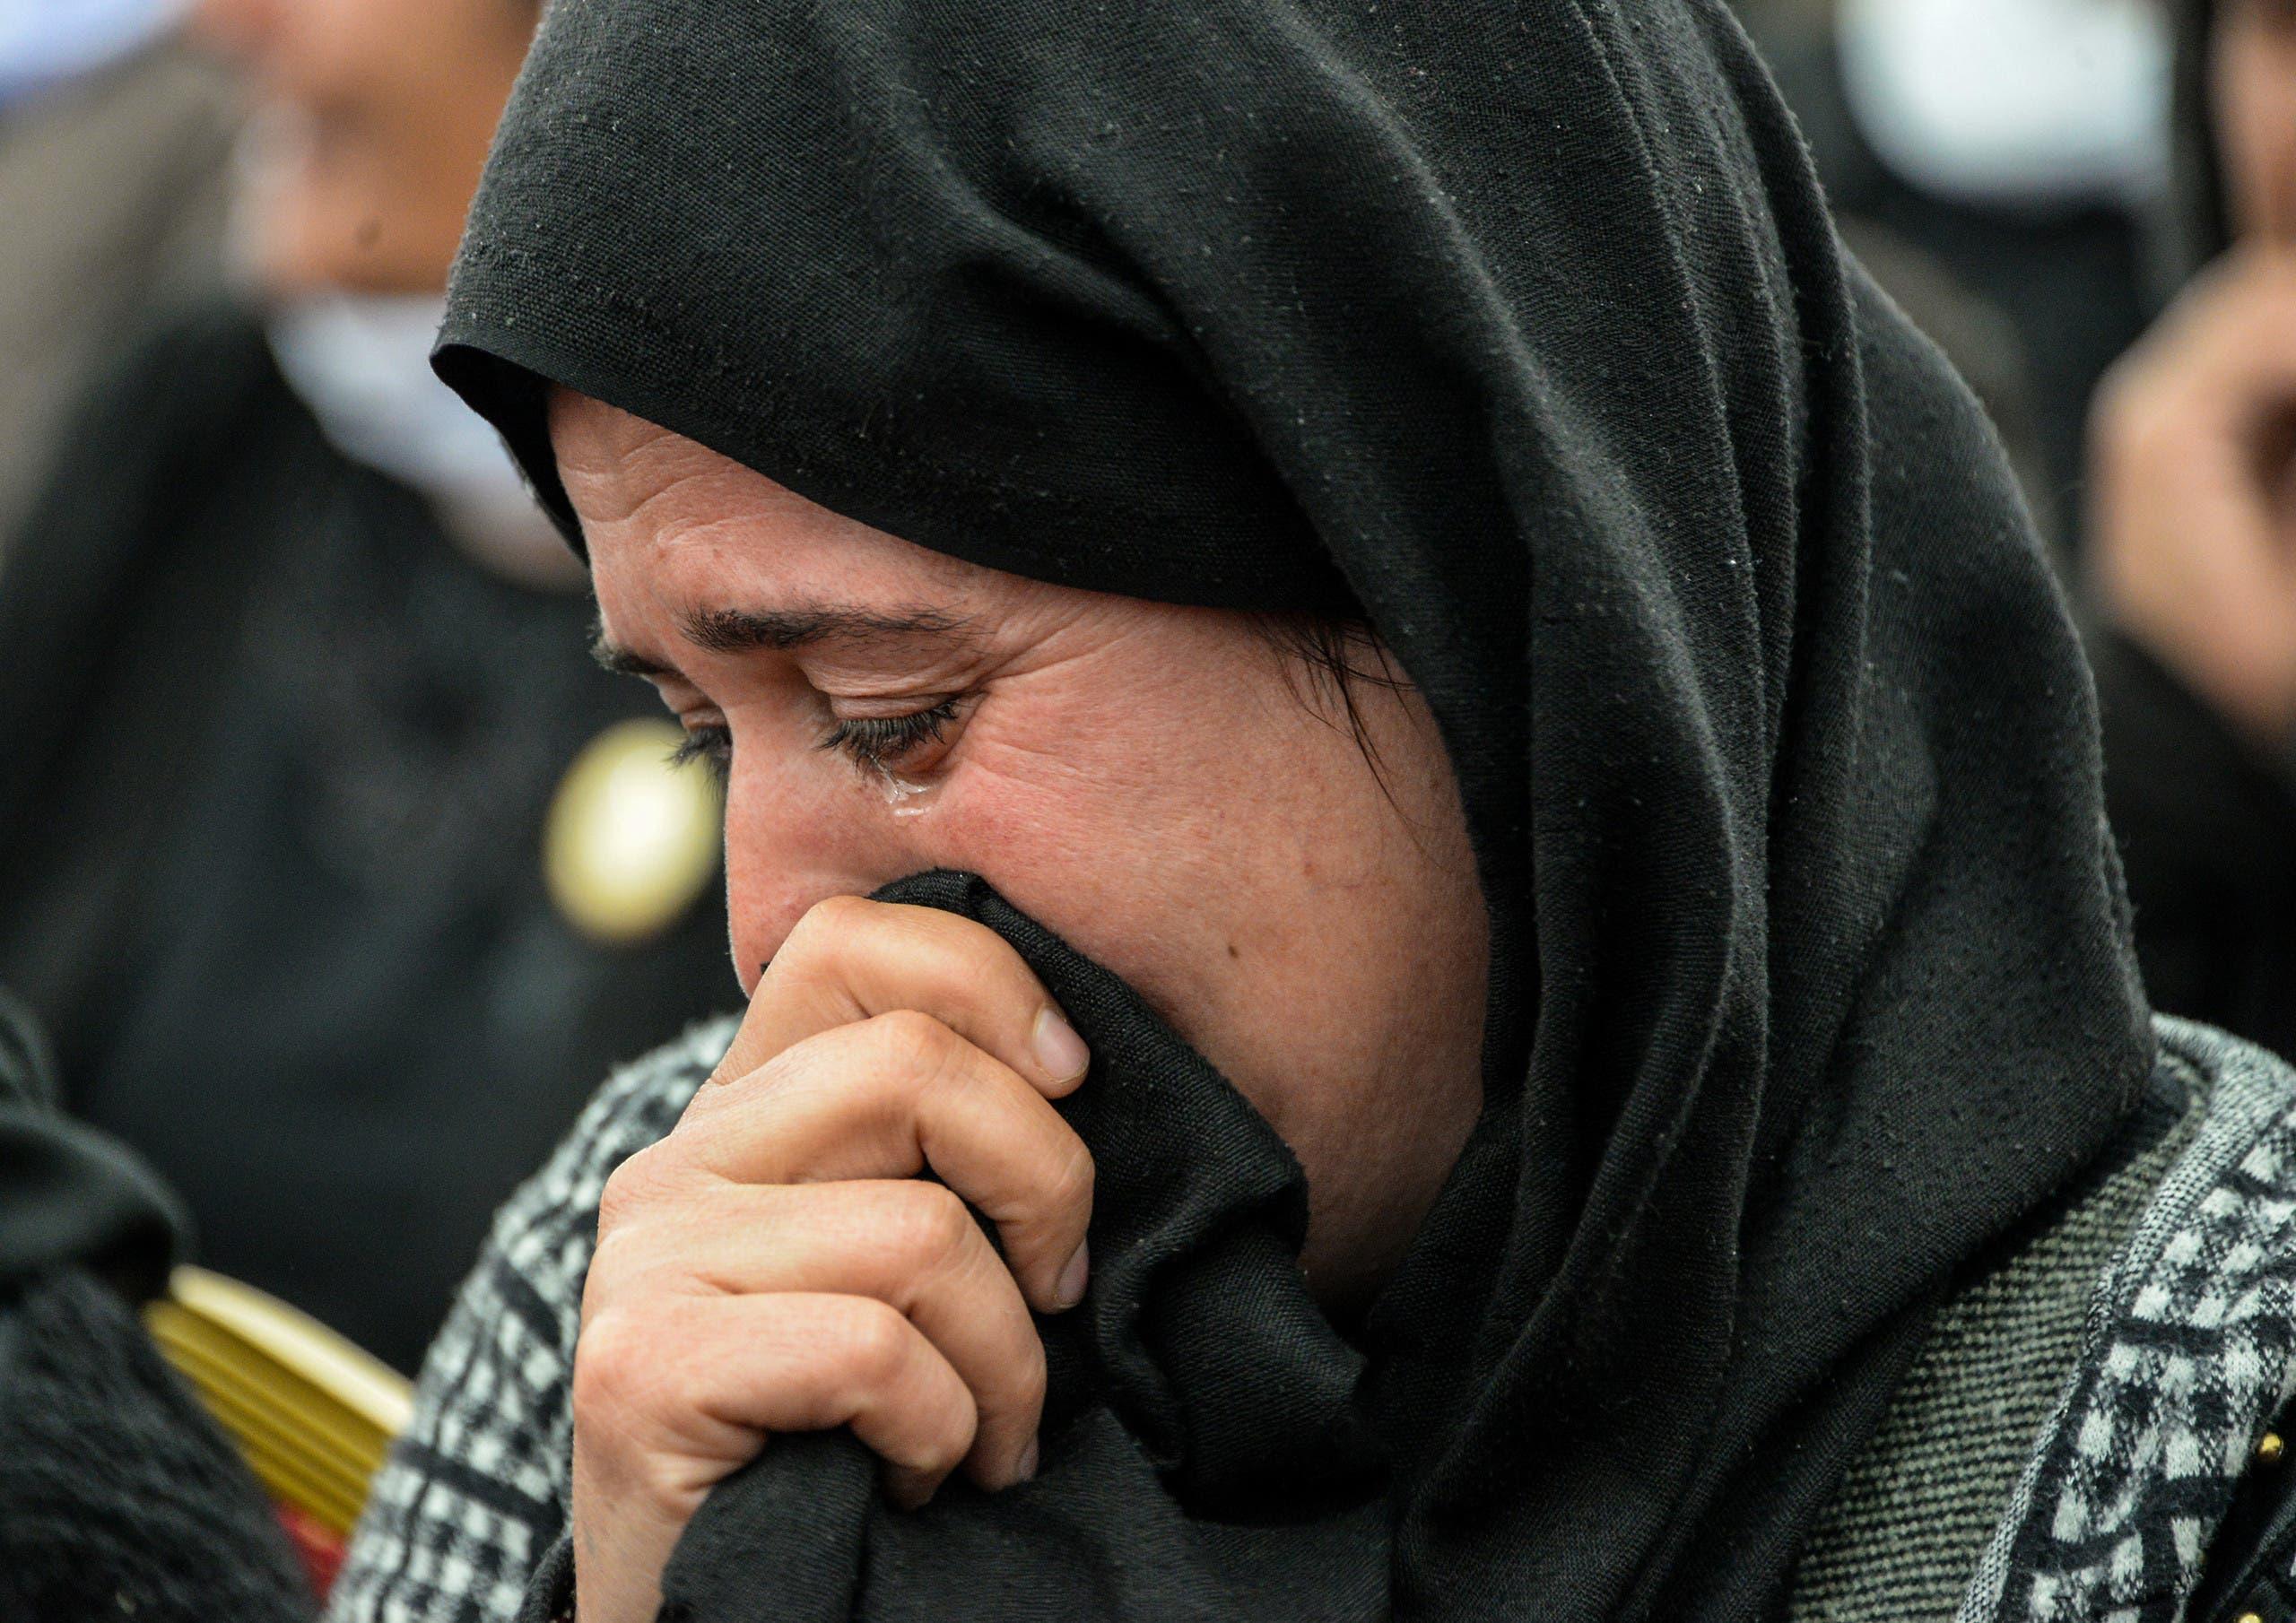 إيزيدية في سنجار يوم 15 مارس 2019